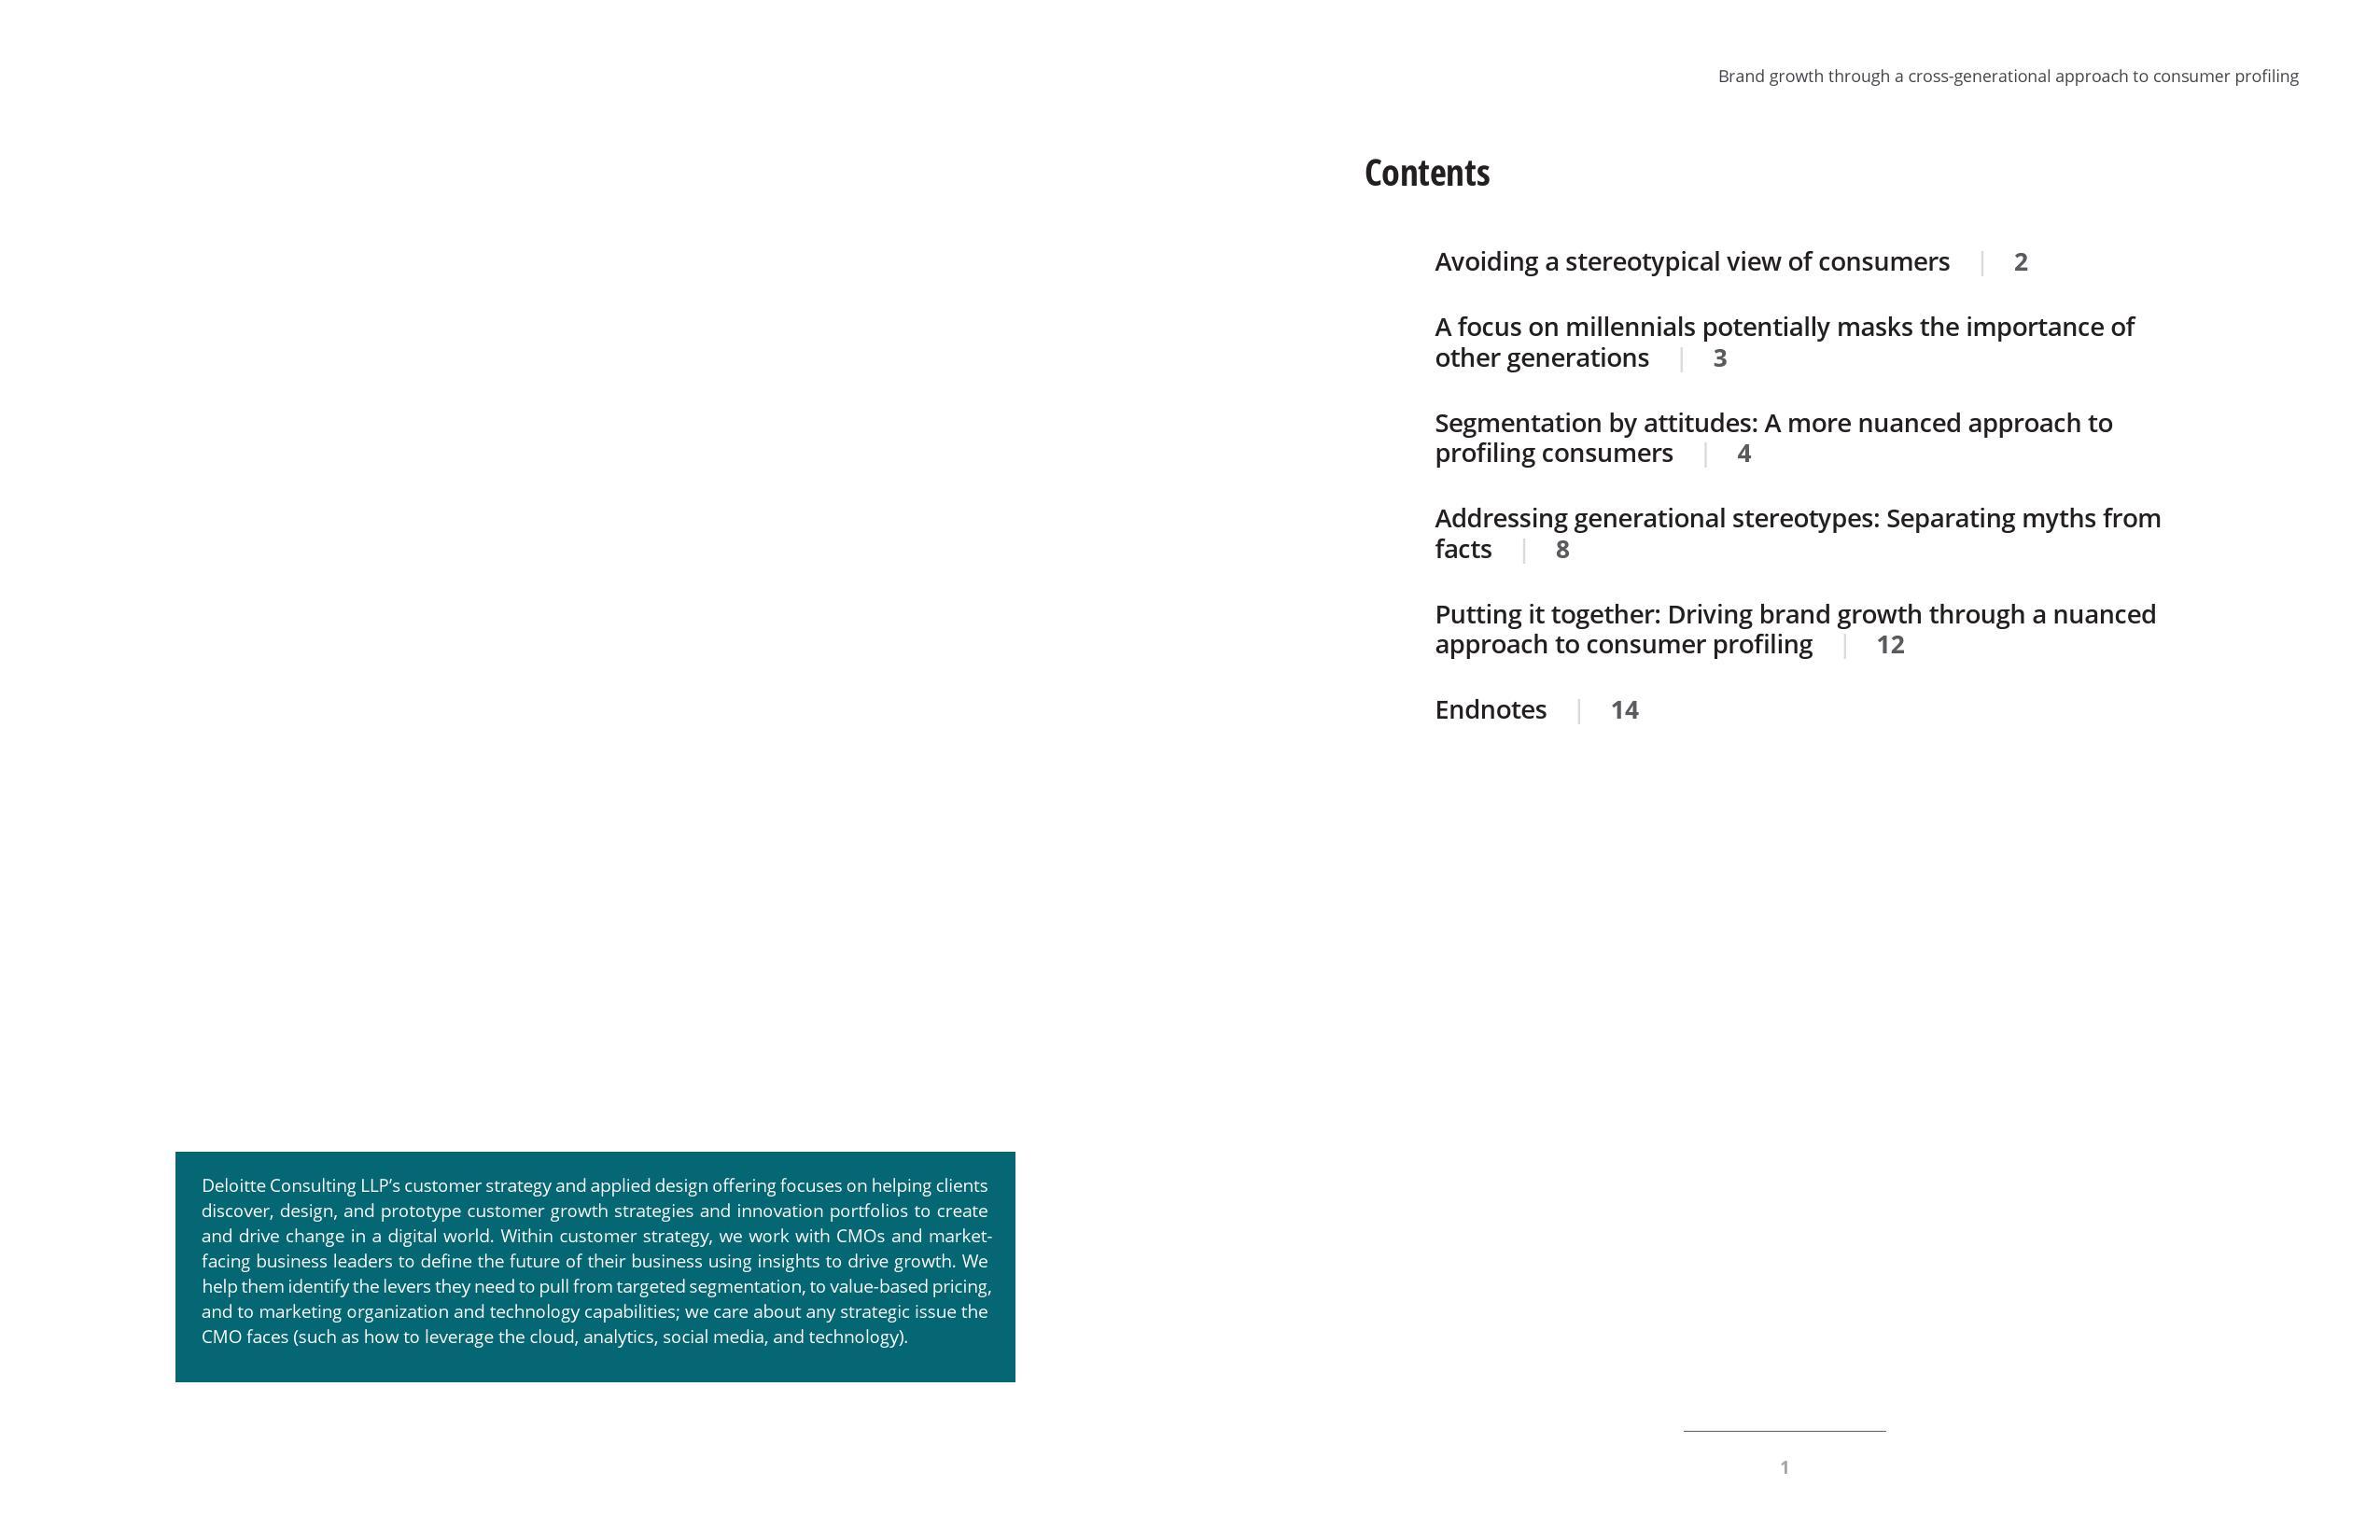 德勤咨询:跨代的消费者分析方法